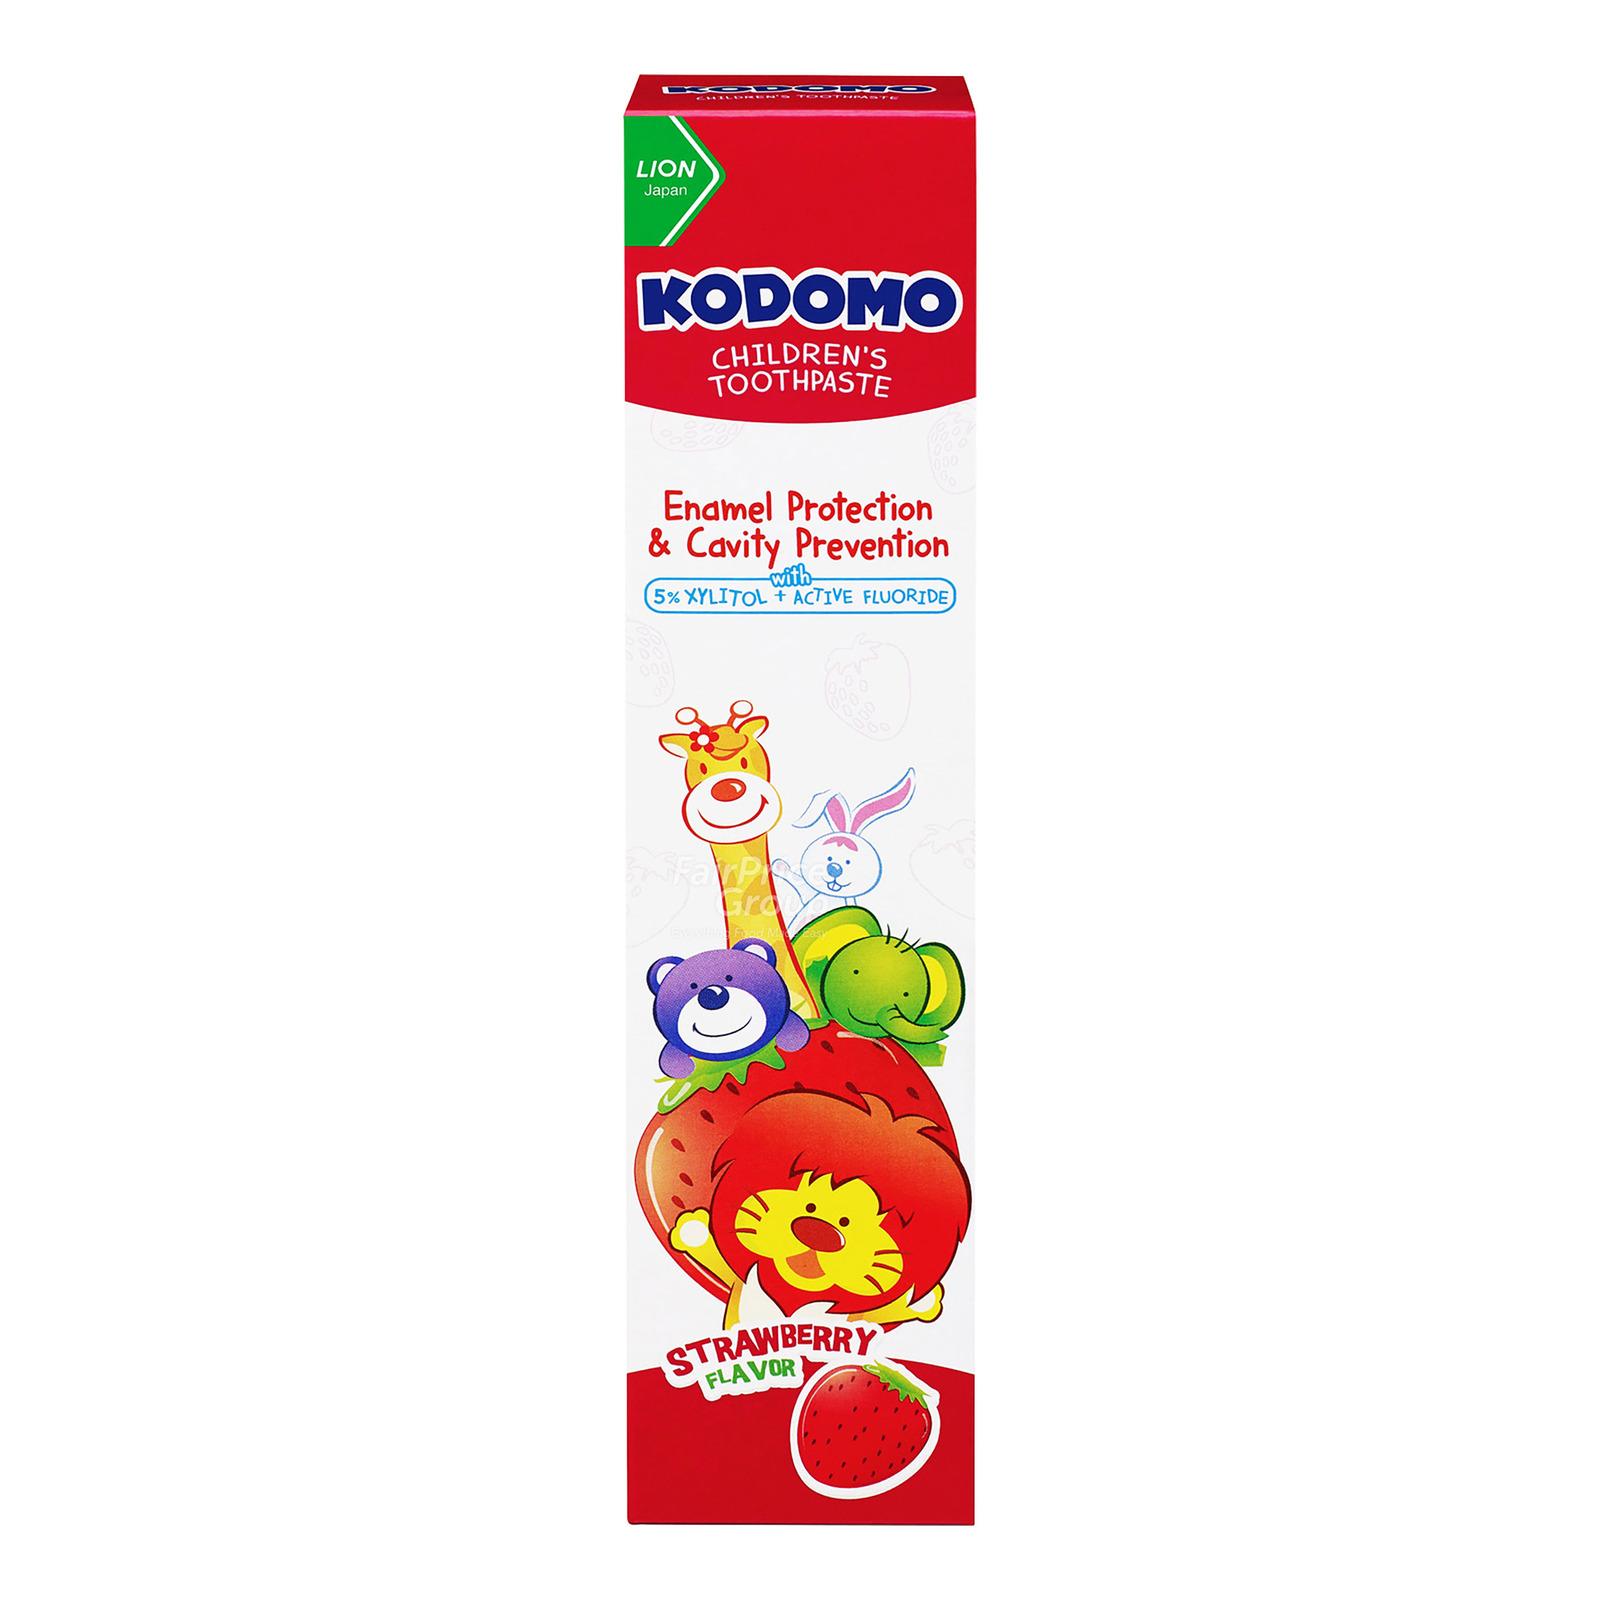 KODOMO Children's Toothpaste - Strawberry 40g